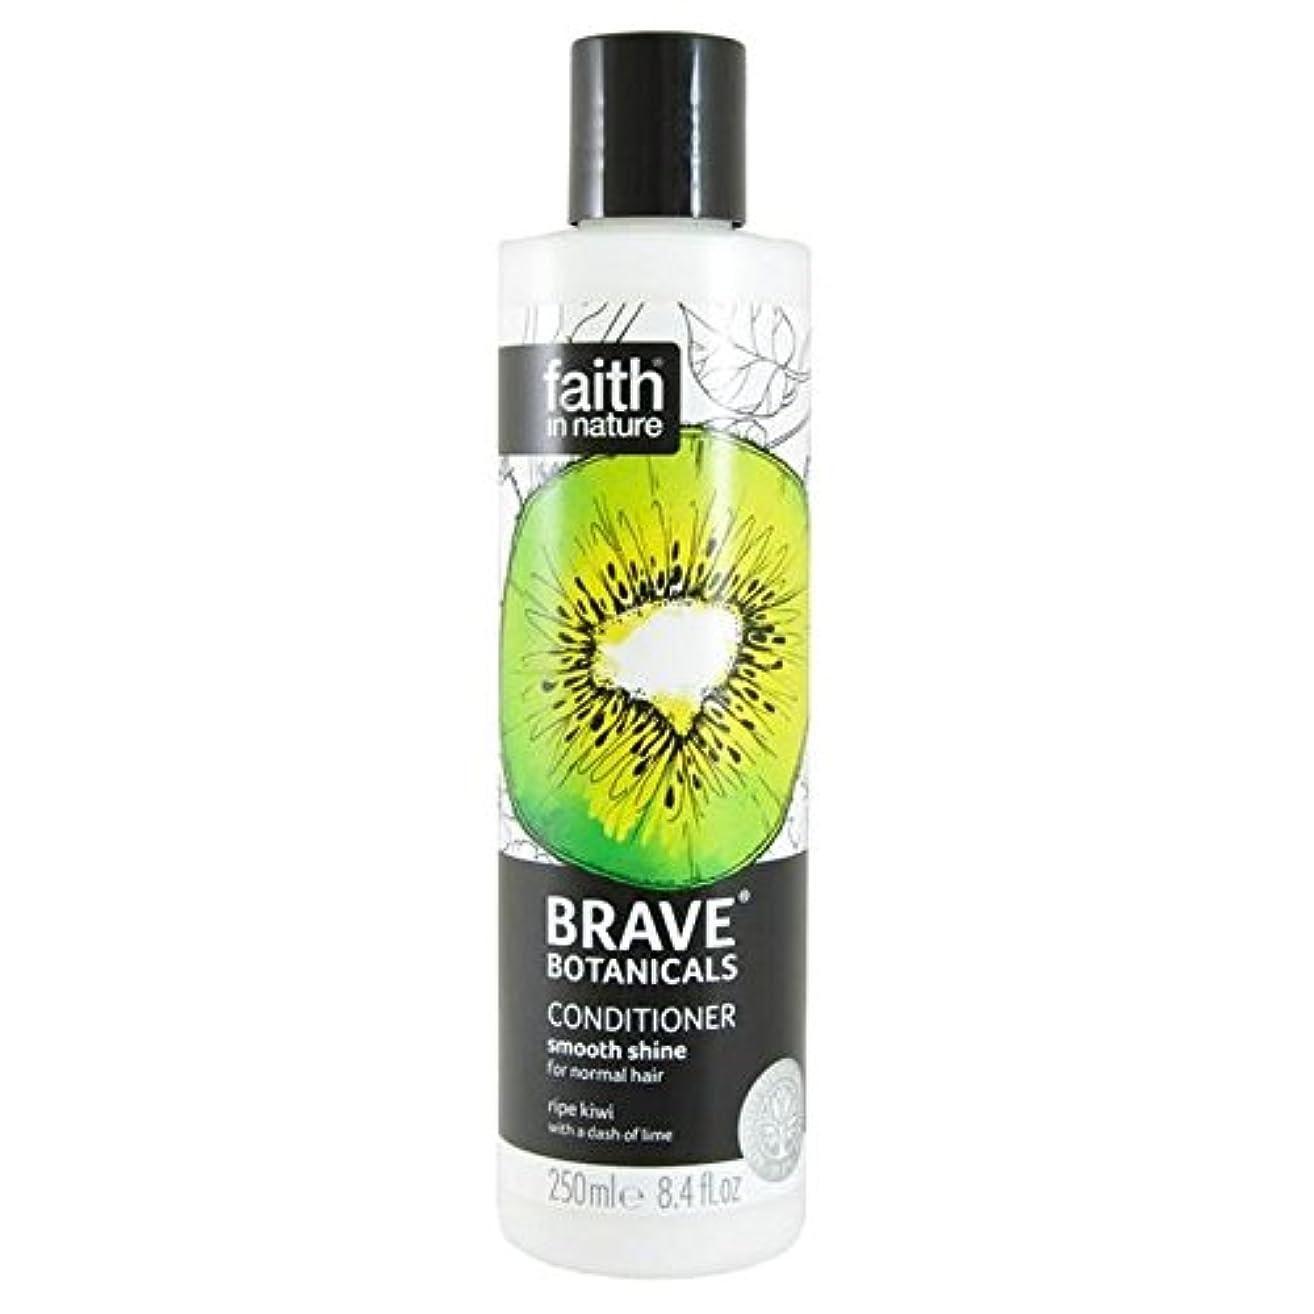 チップ必要としている喉頭Brave Botanicals Kiwi & Lime Smooth Shine Conditioner 250ml - (Faith In Nature) 勇敢な植物キウイ&ライムなめらかな輝きコンディショナー250Ml [並行輸入品]